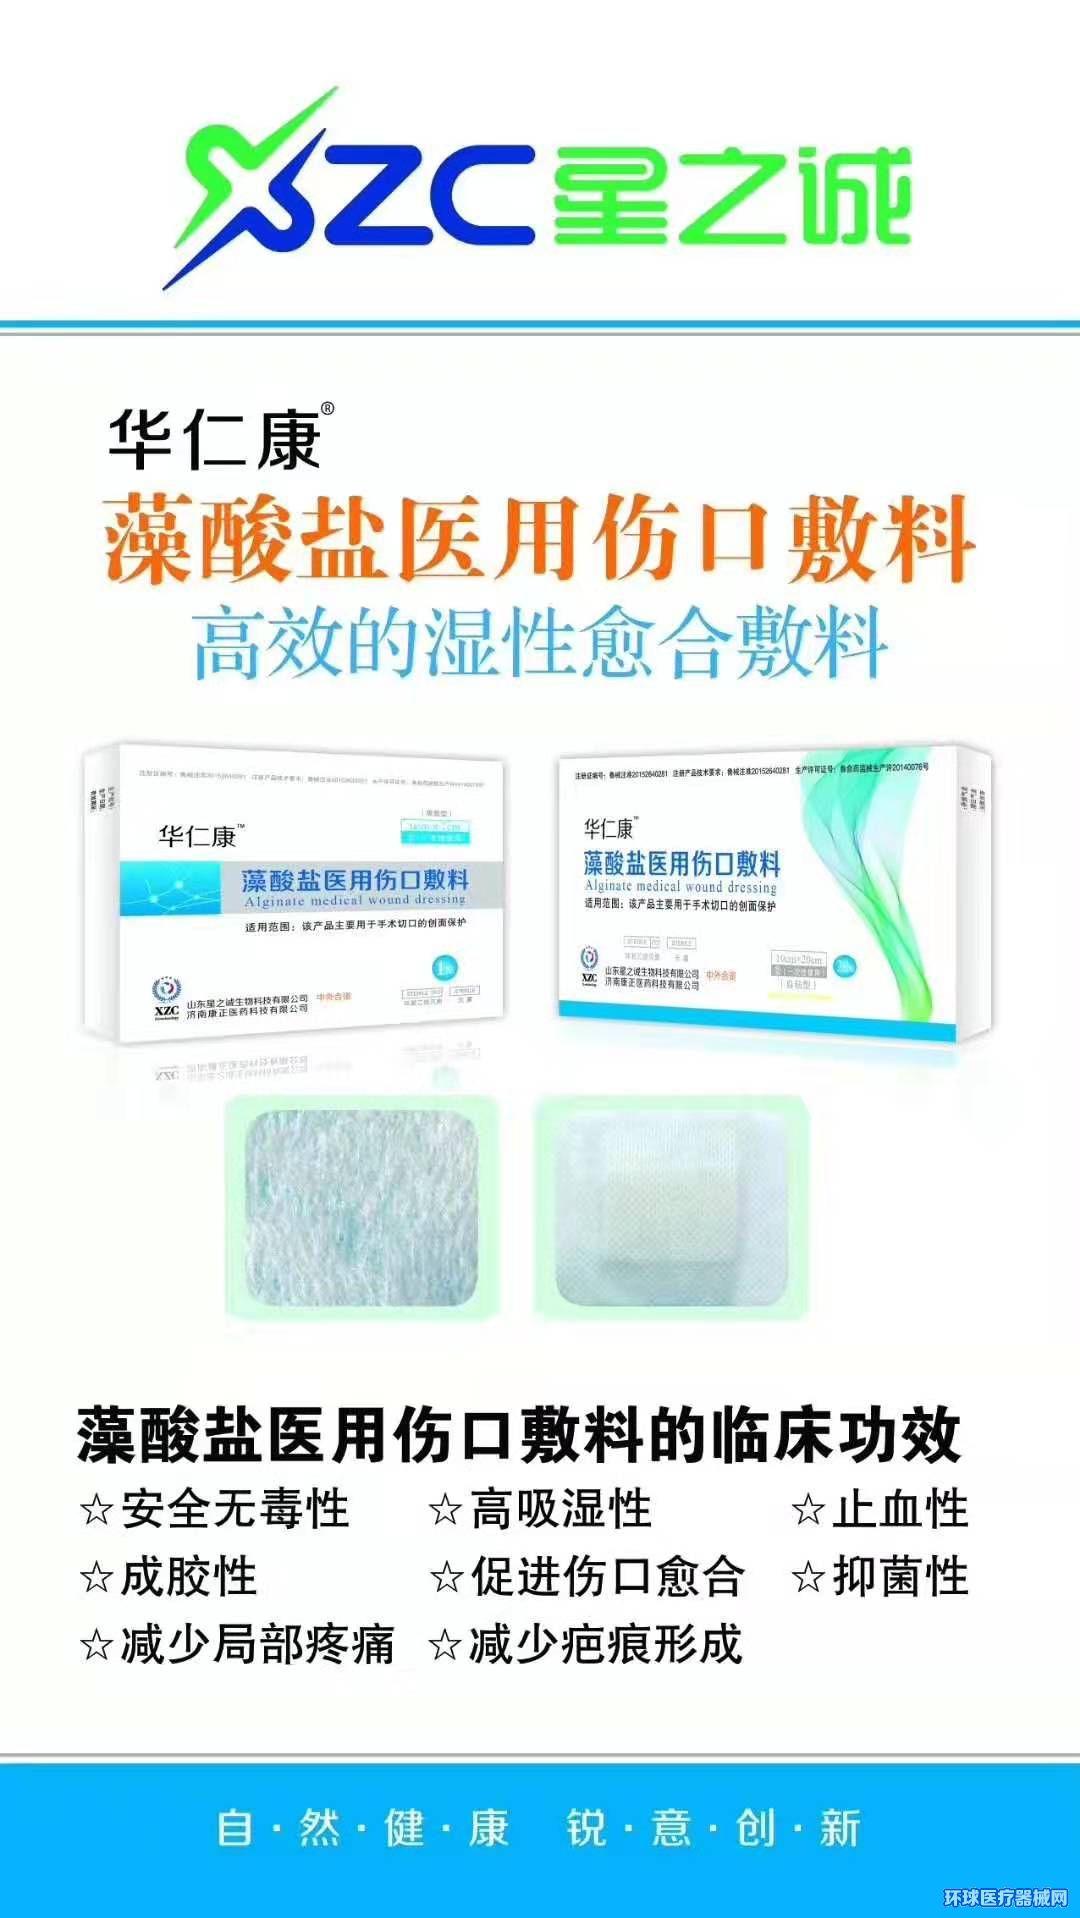 藻酸盐医用伤口敷料